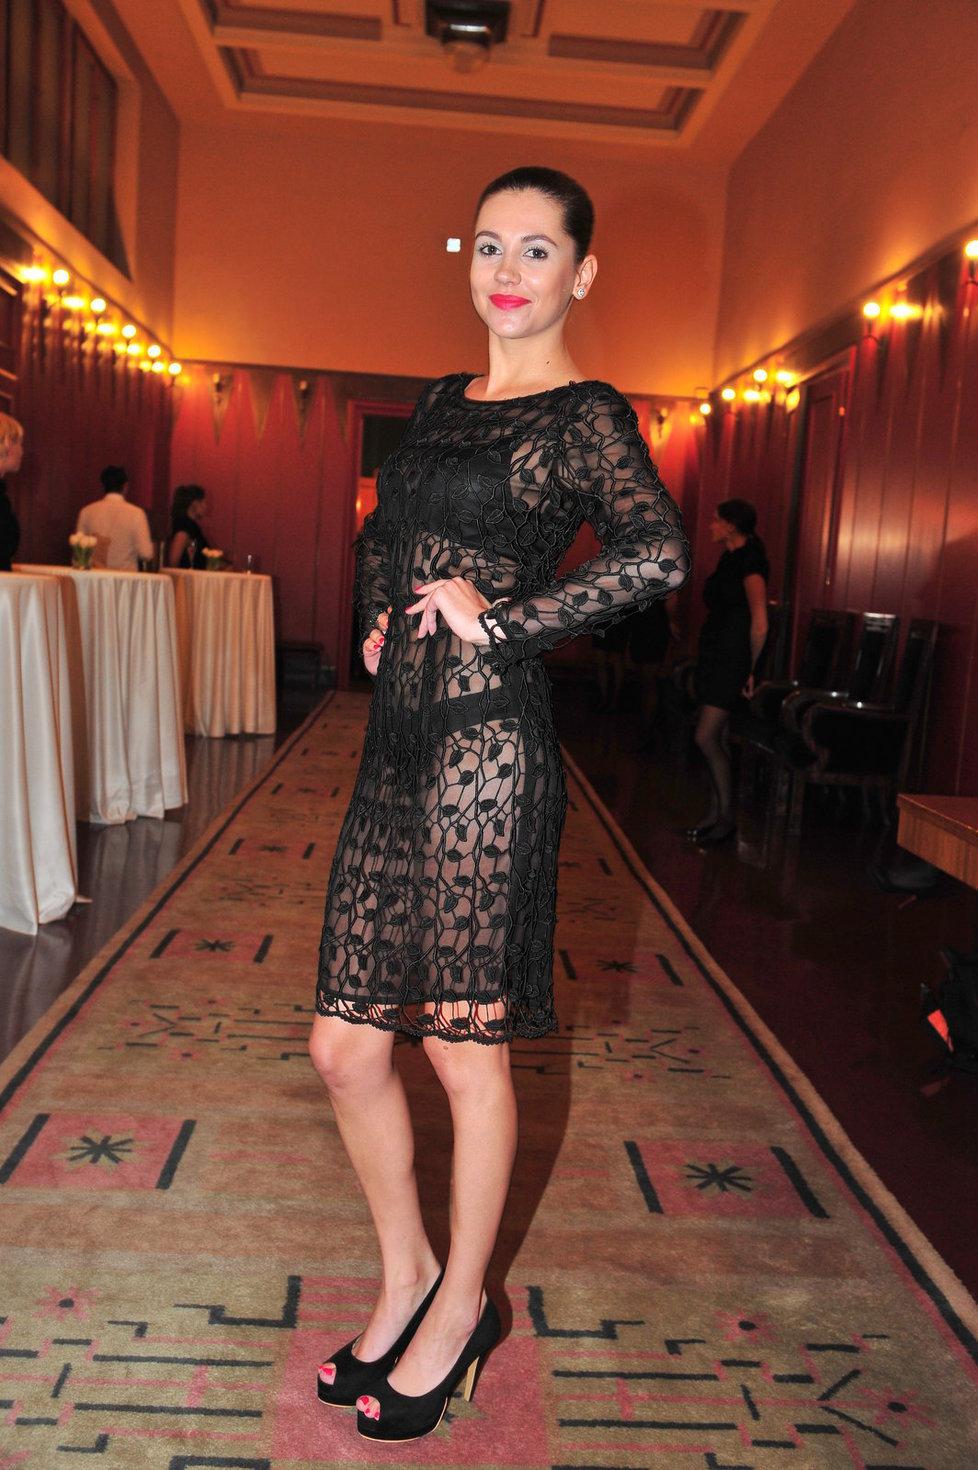 Modelka šokovala přítomné hosty svým outfitem